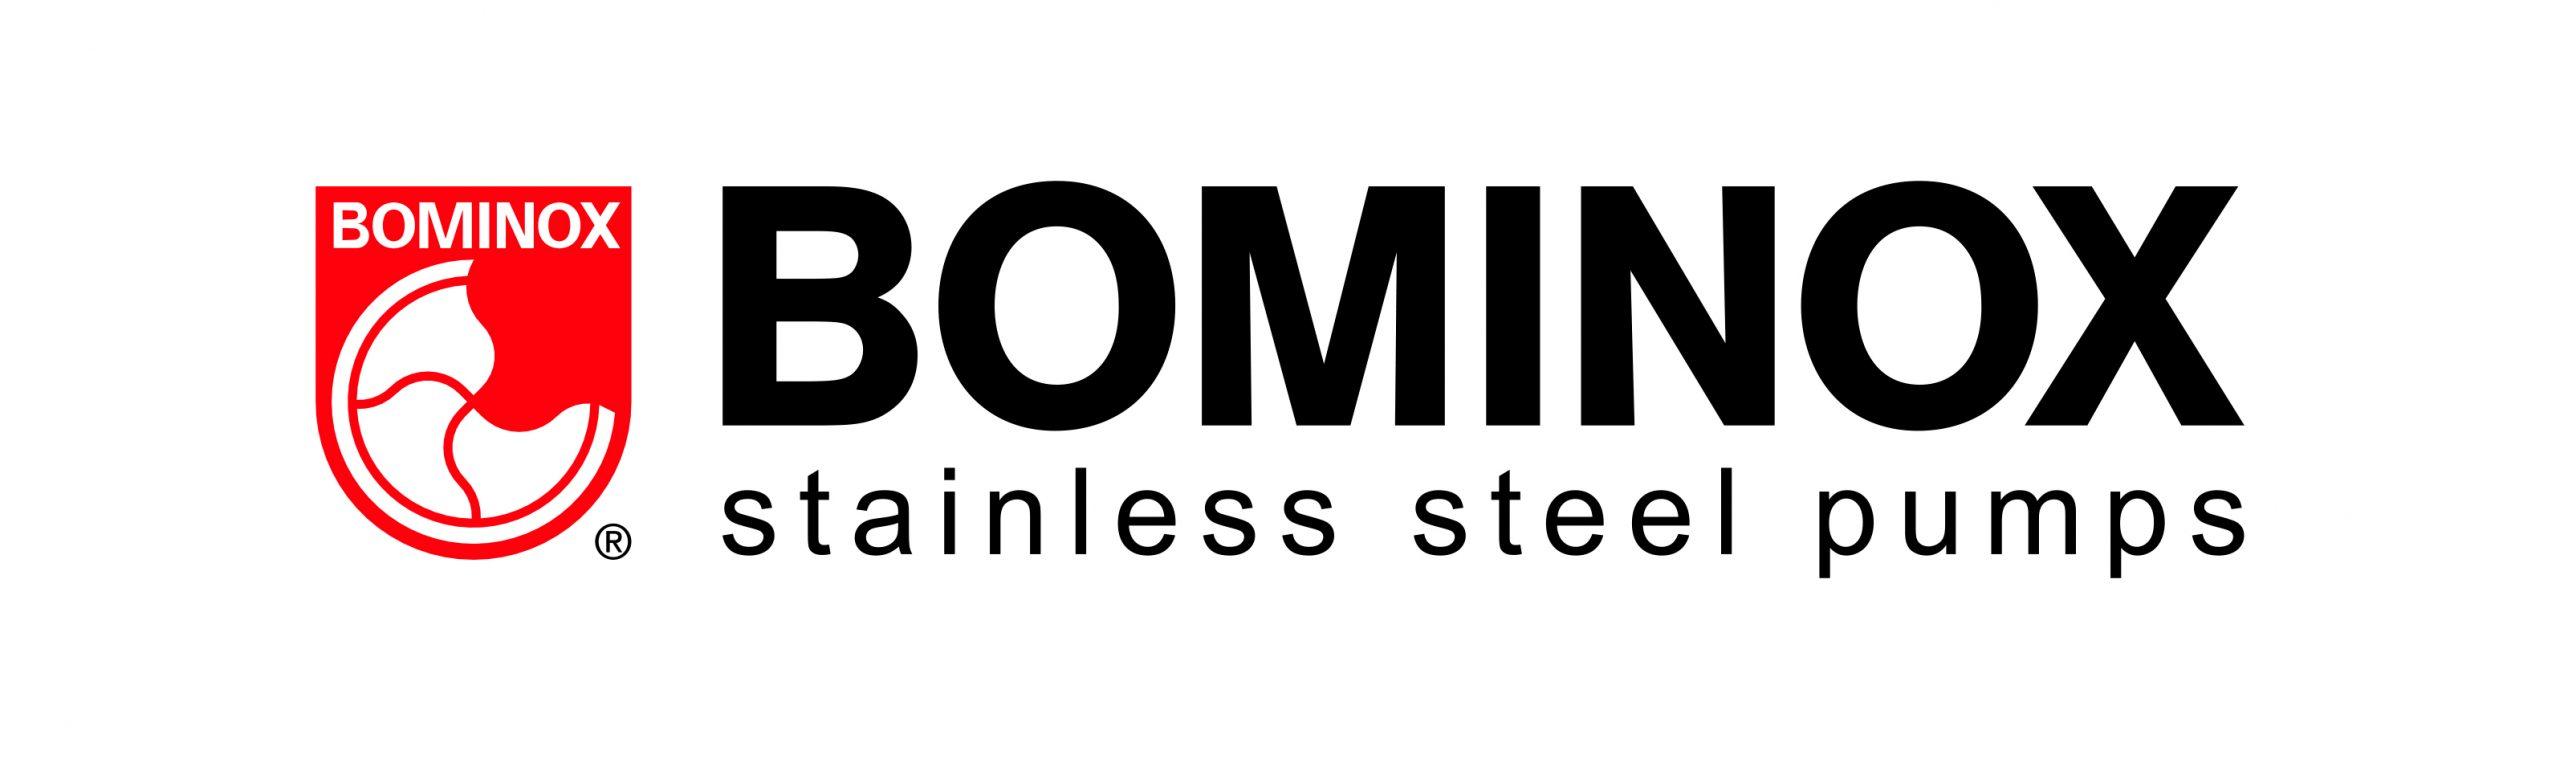 bominox